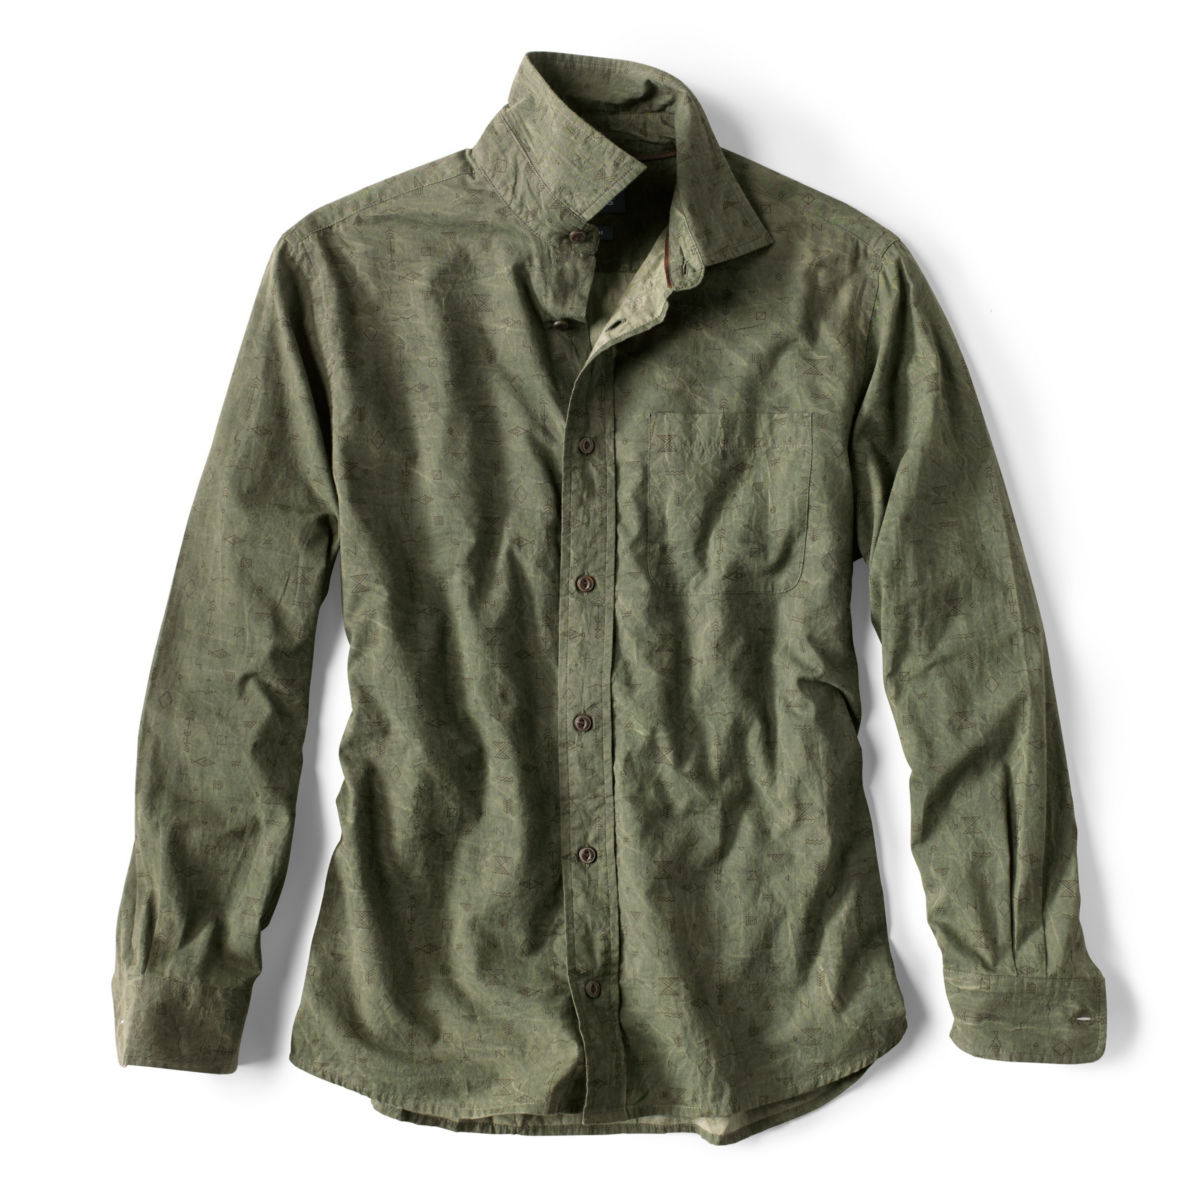 Western Symbols Long-Sleeved Shirt - JUNIPERimage number 0